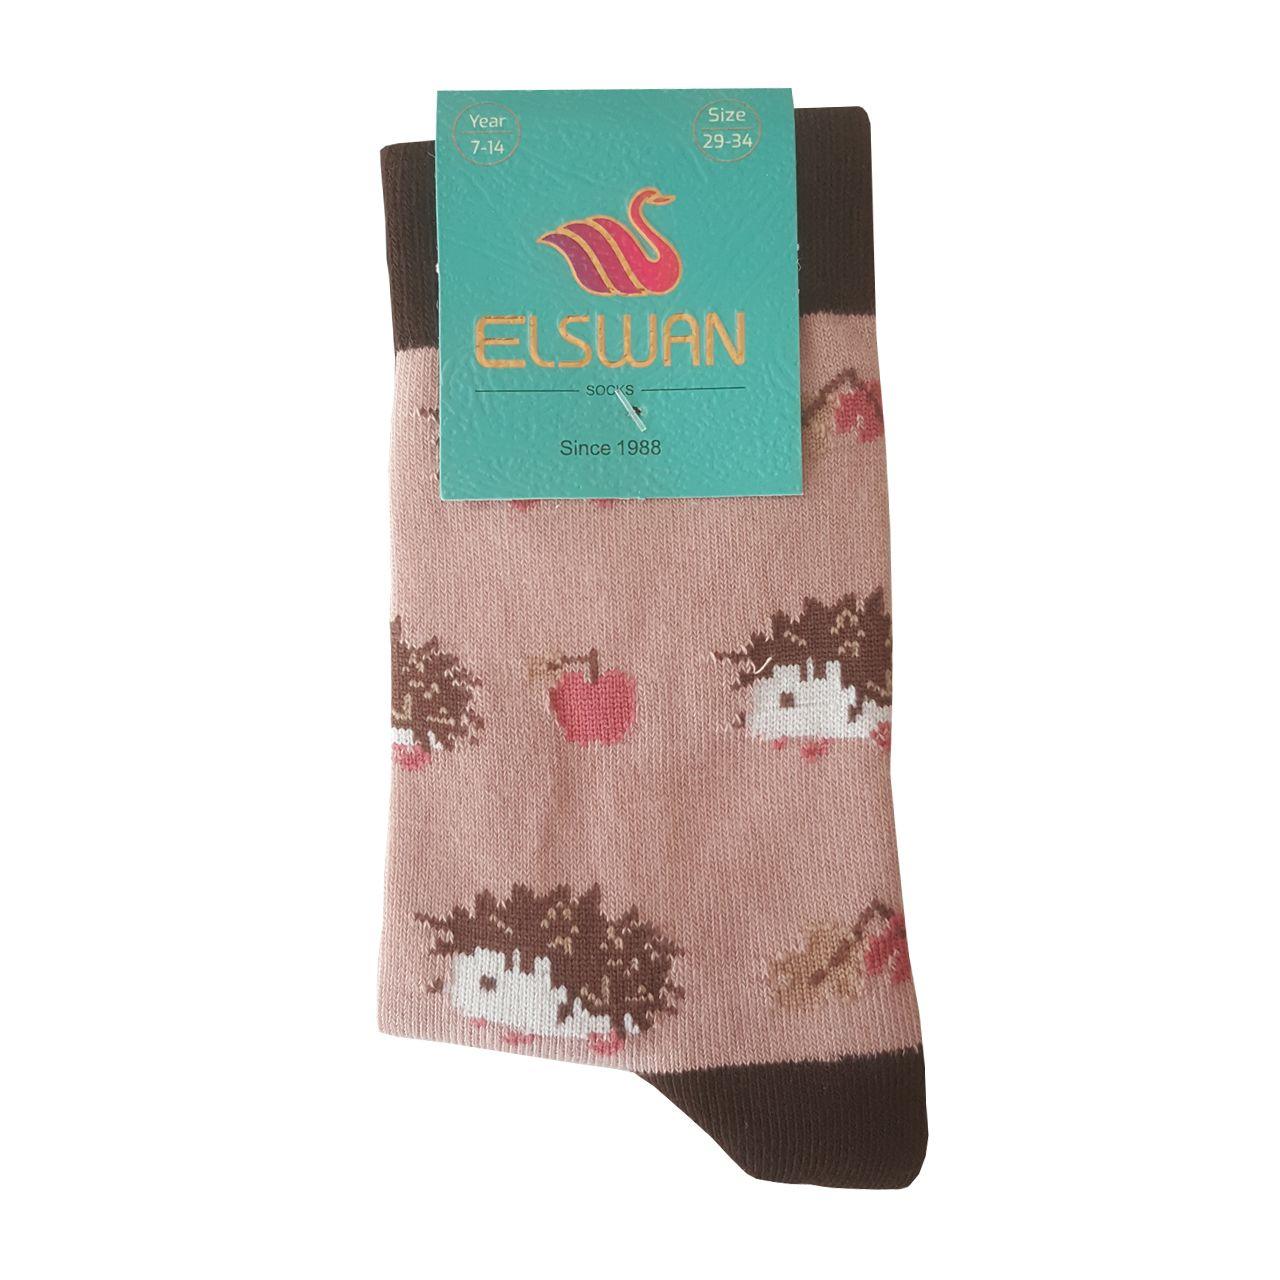 جوراب دخترانه ال سون طرح جوجه تیغی کد PH411 -  - 6